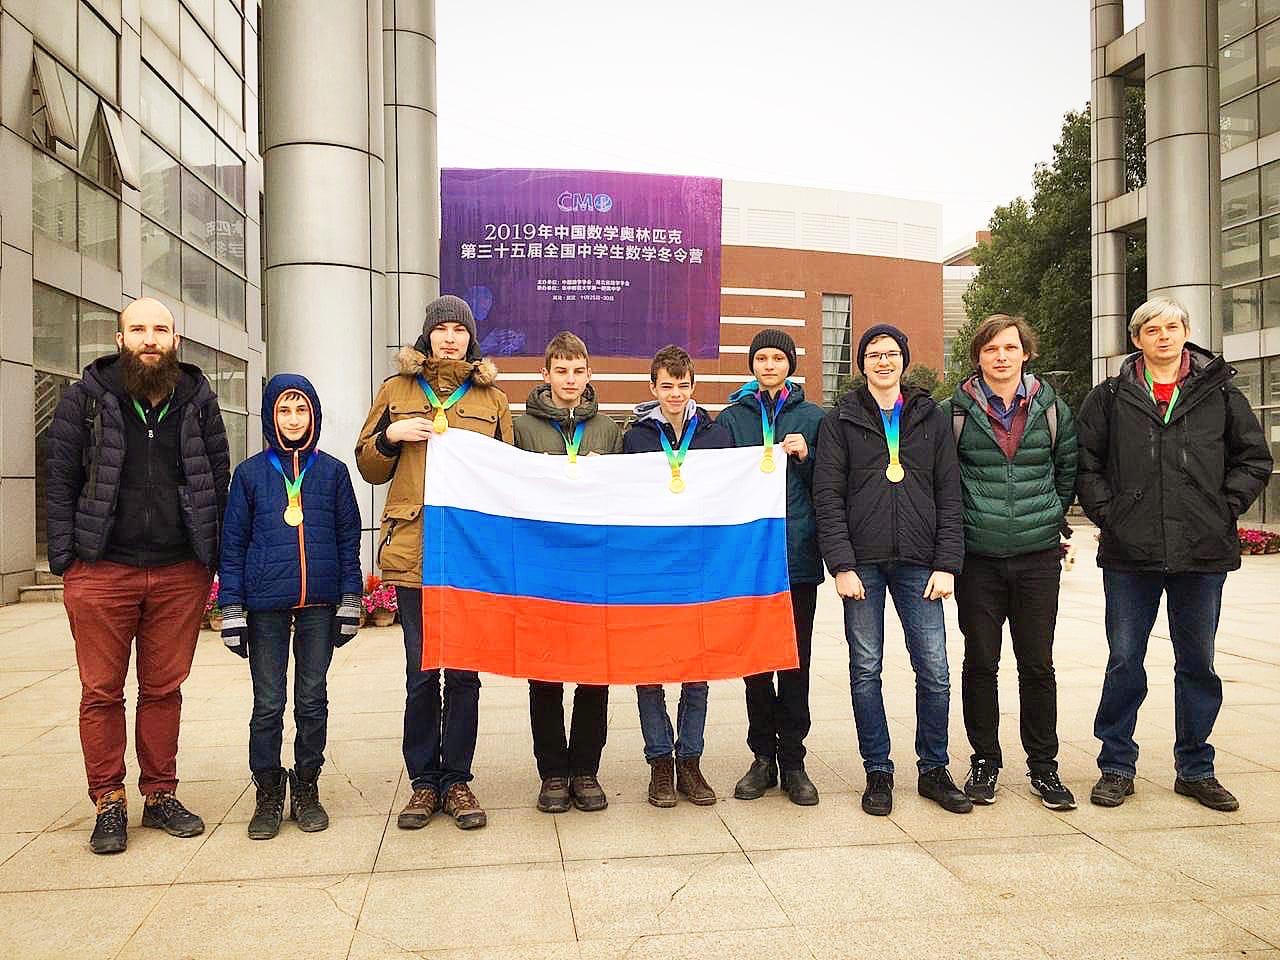 Российские школьники завоевали шесть медалей на Китайской национальной олимпиаде по математике